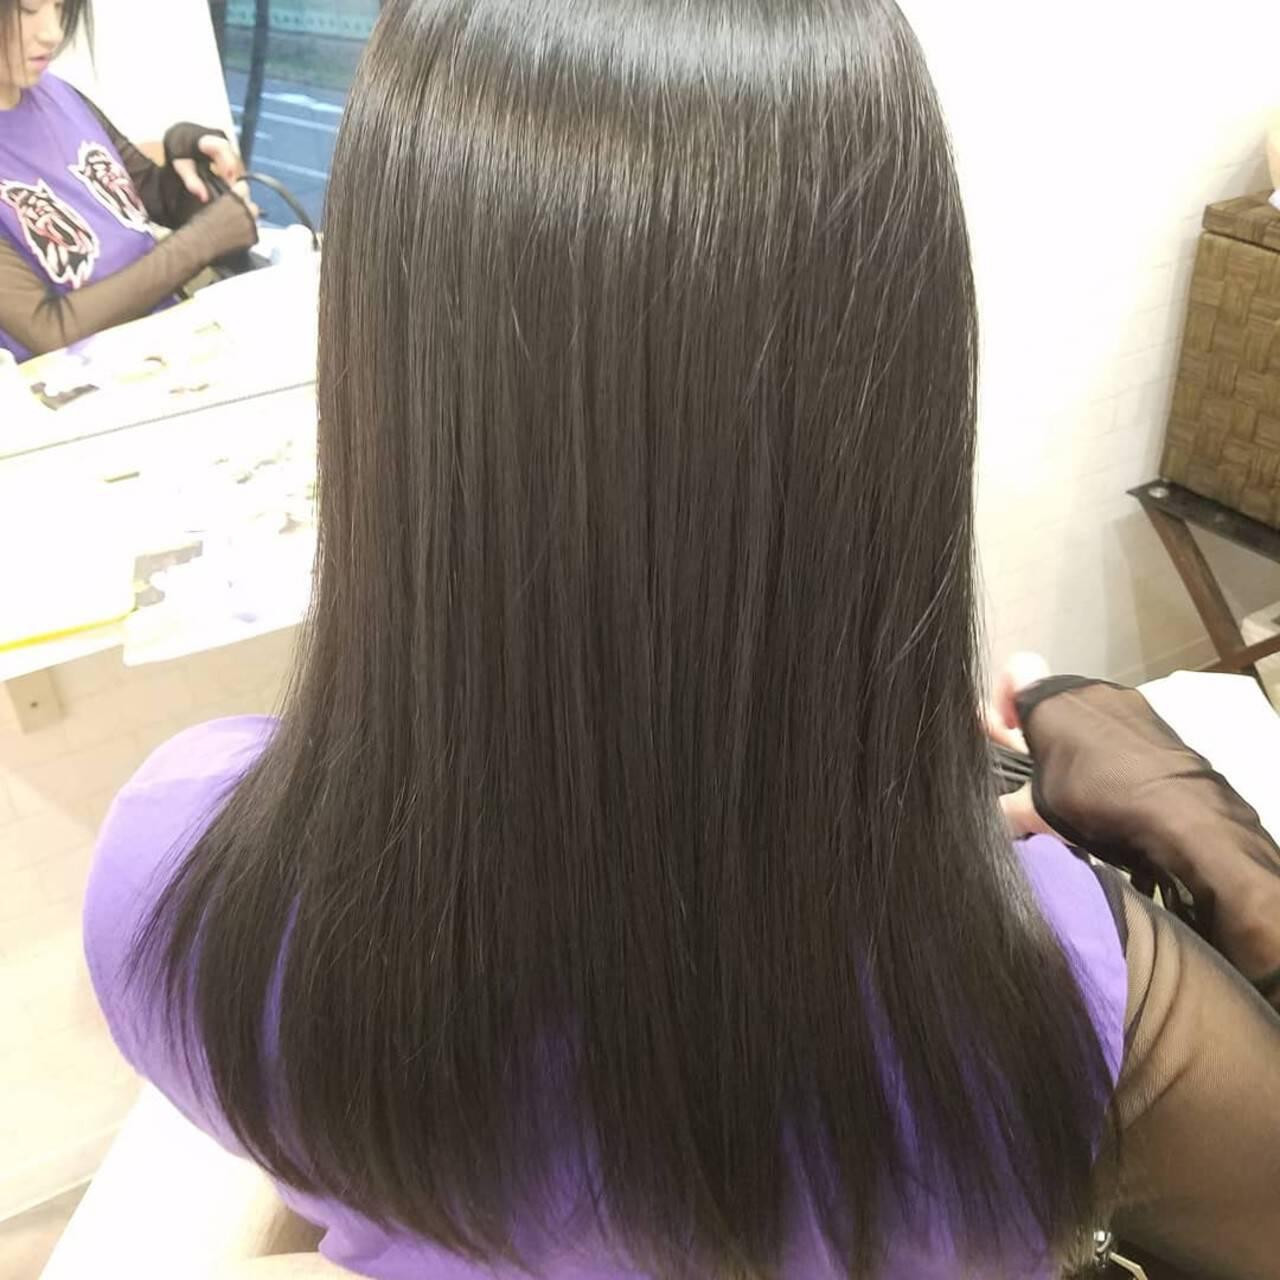 モード ロング 縮毛矯正 縮毛矯正ストカールヘアスタイルや髪型の写真・画像